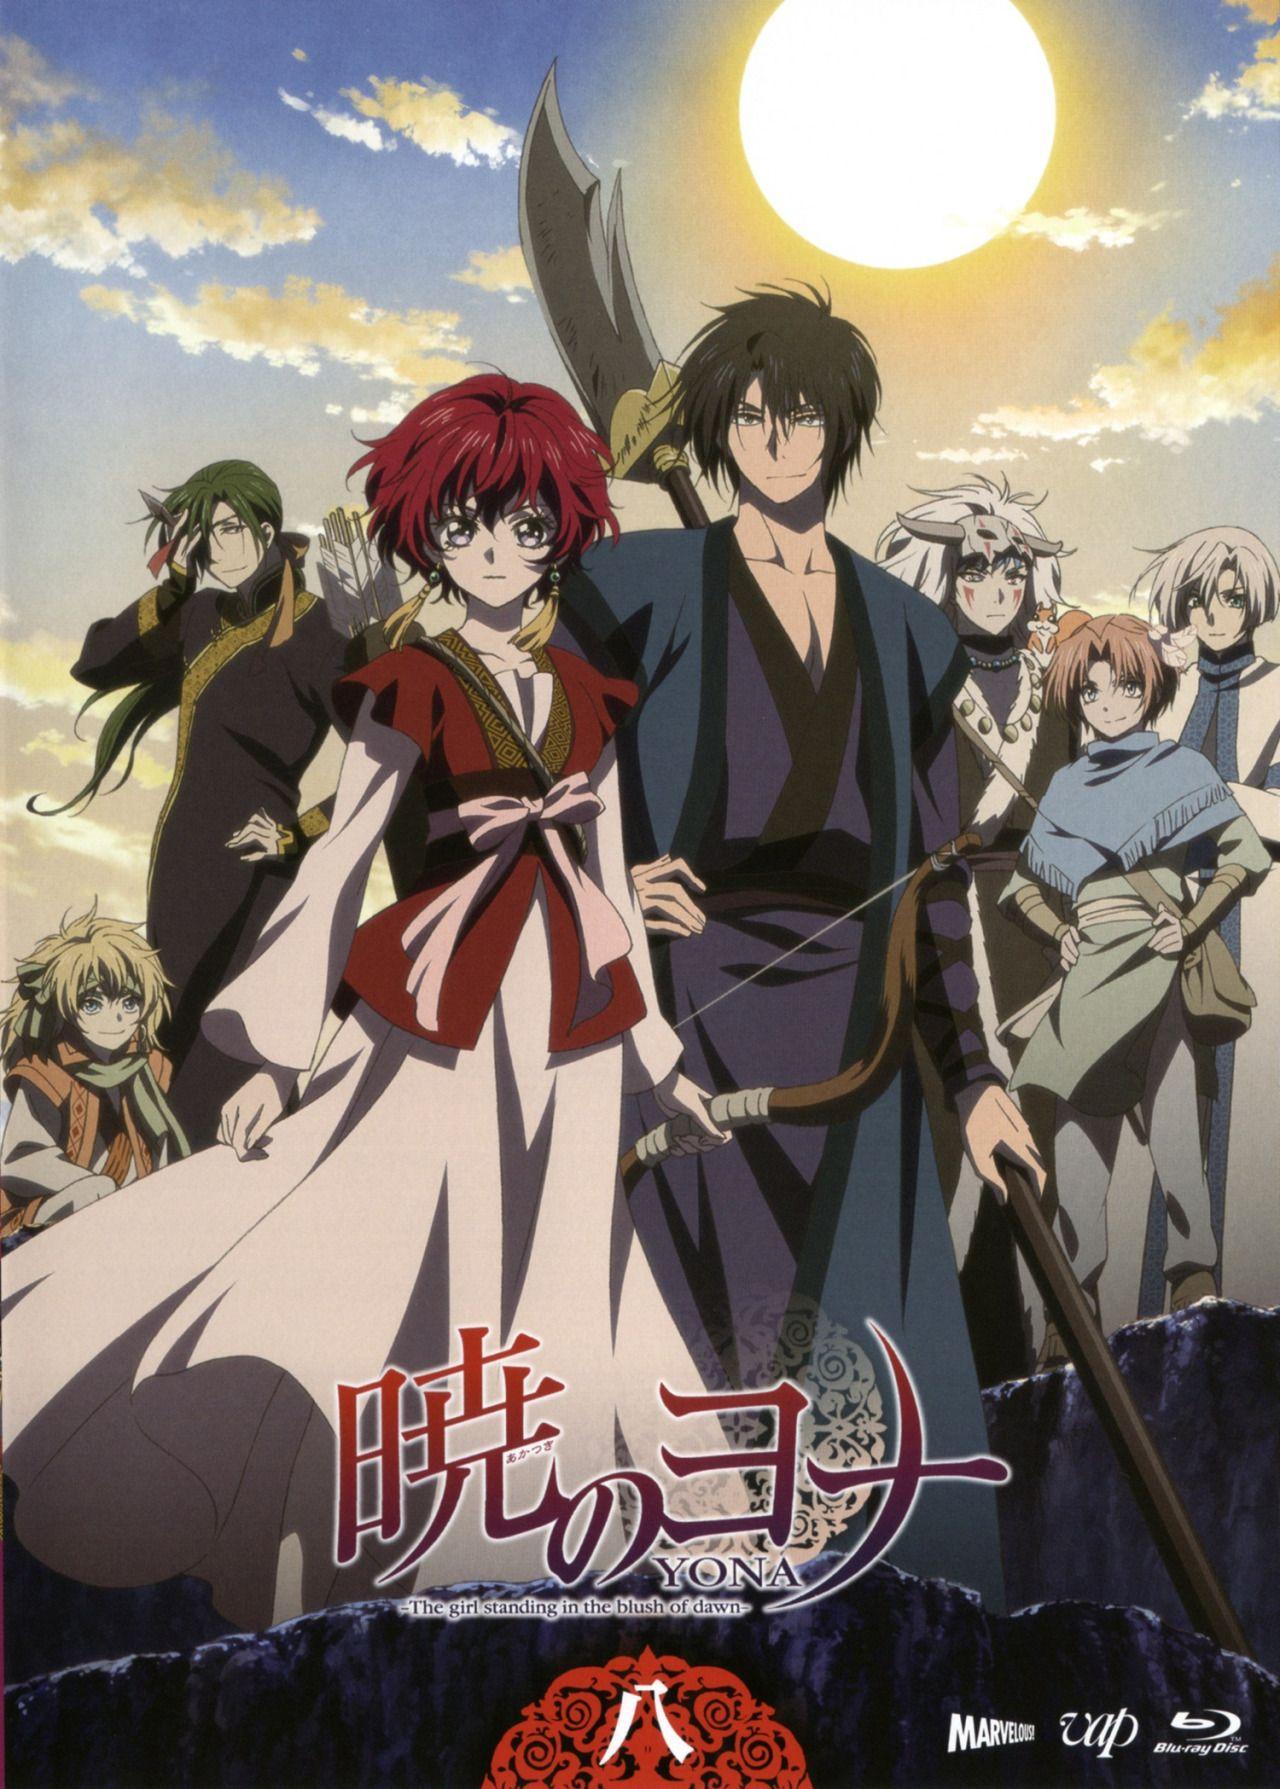 El Anime Akatsuki No Yona Tendra Dos Nuevas Ovas El 19 De Agosto Y